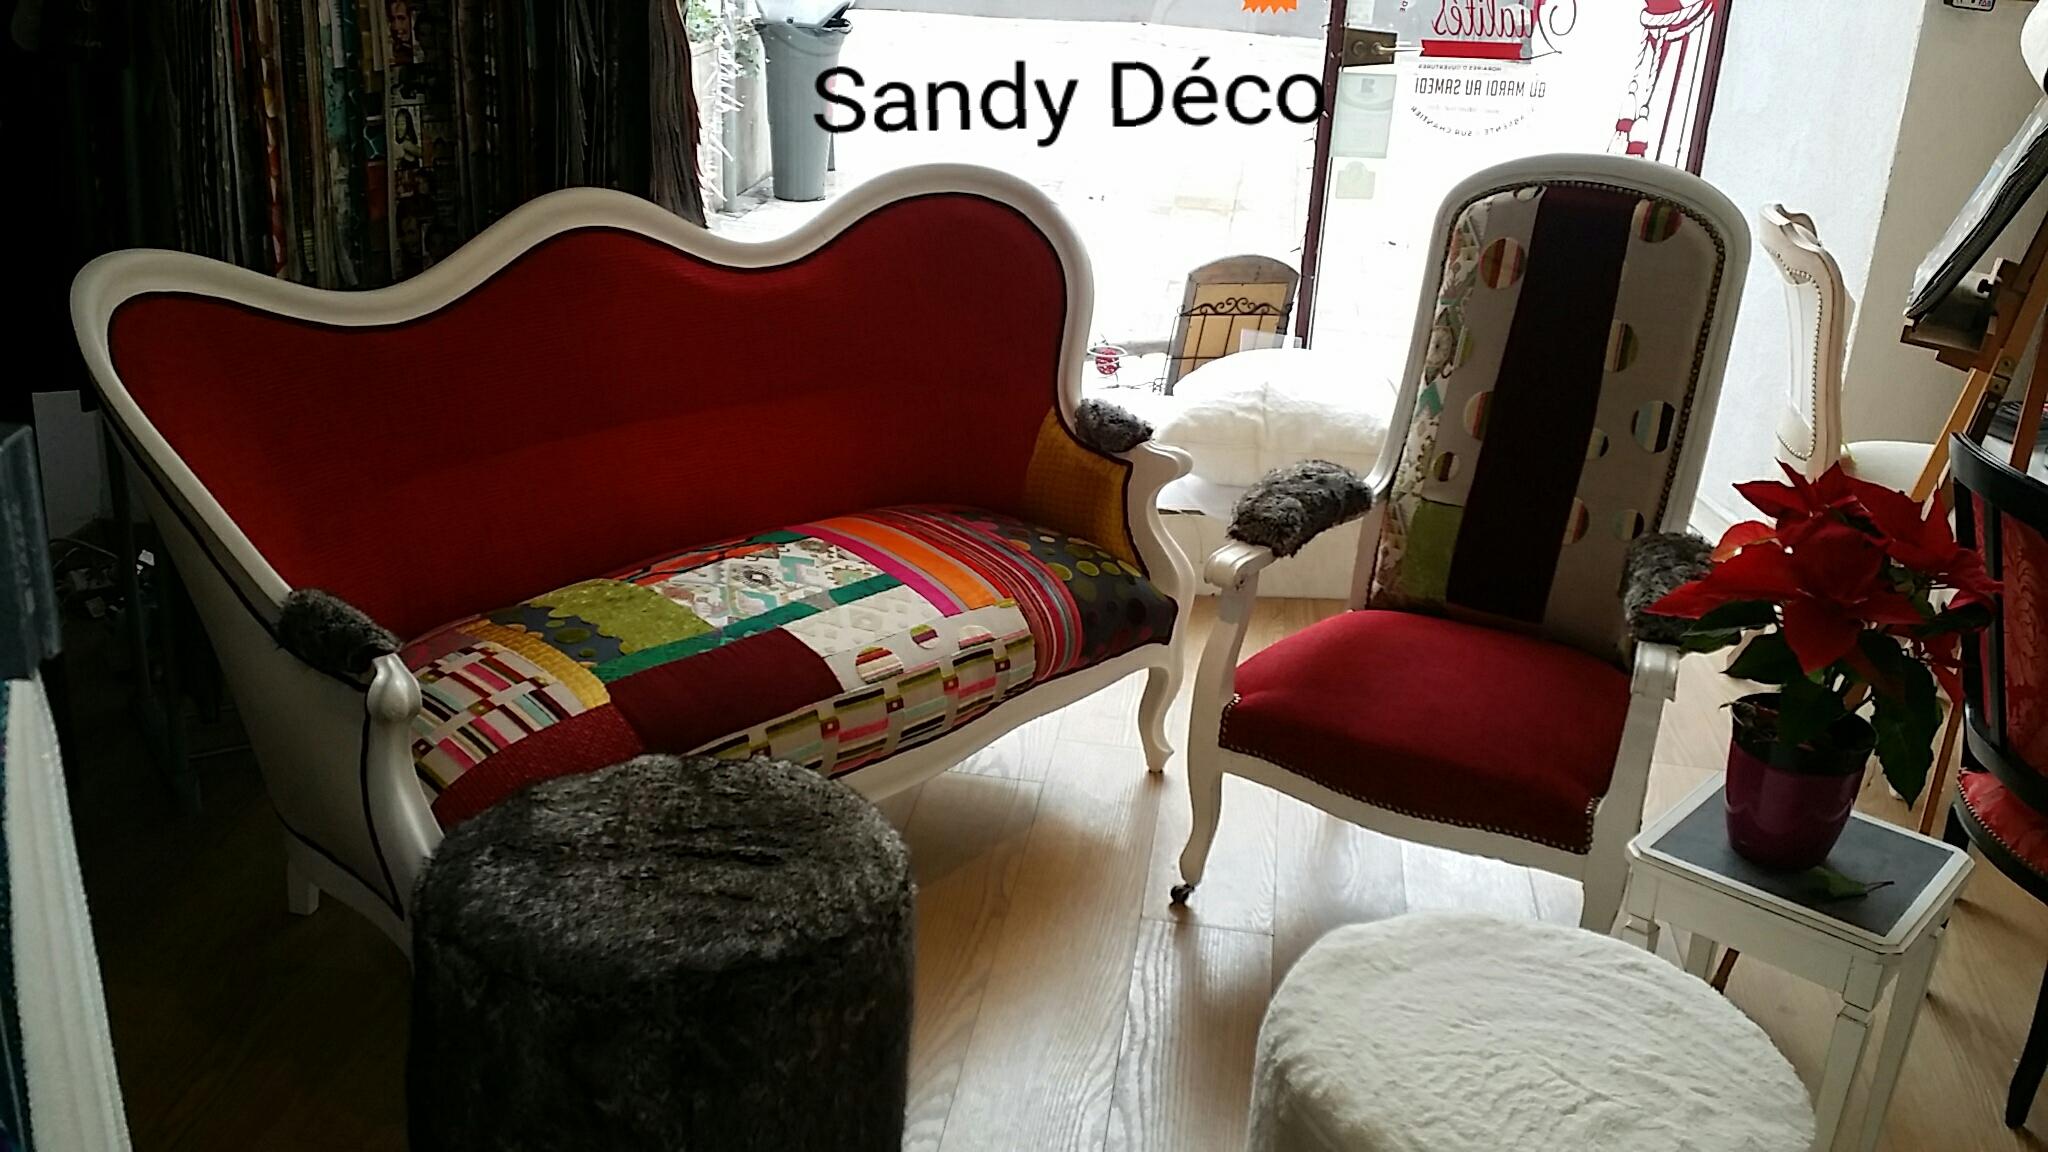 SANDY DECO